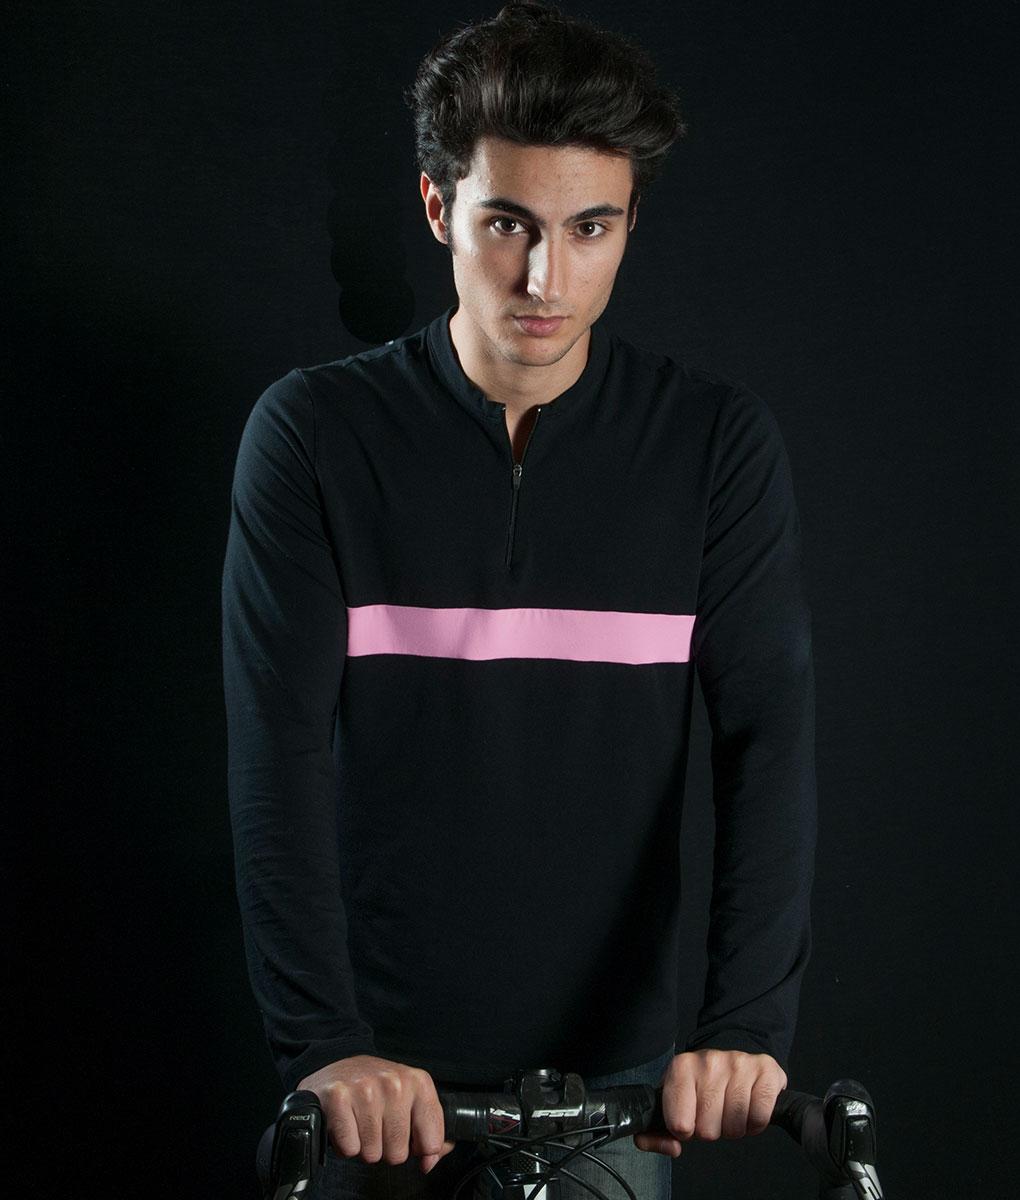 camiseta-negra-rosa-estudio